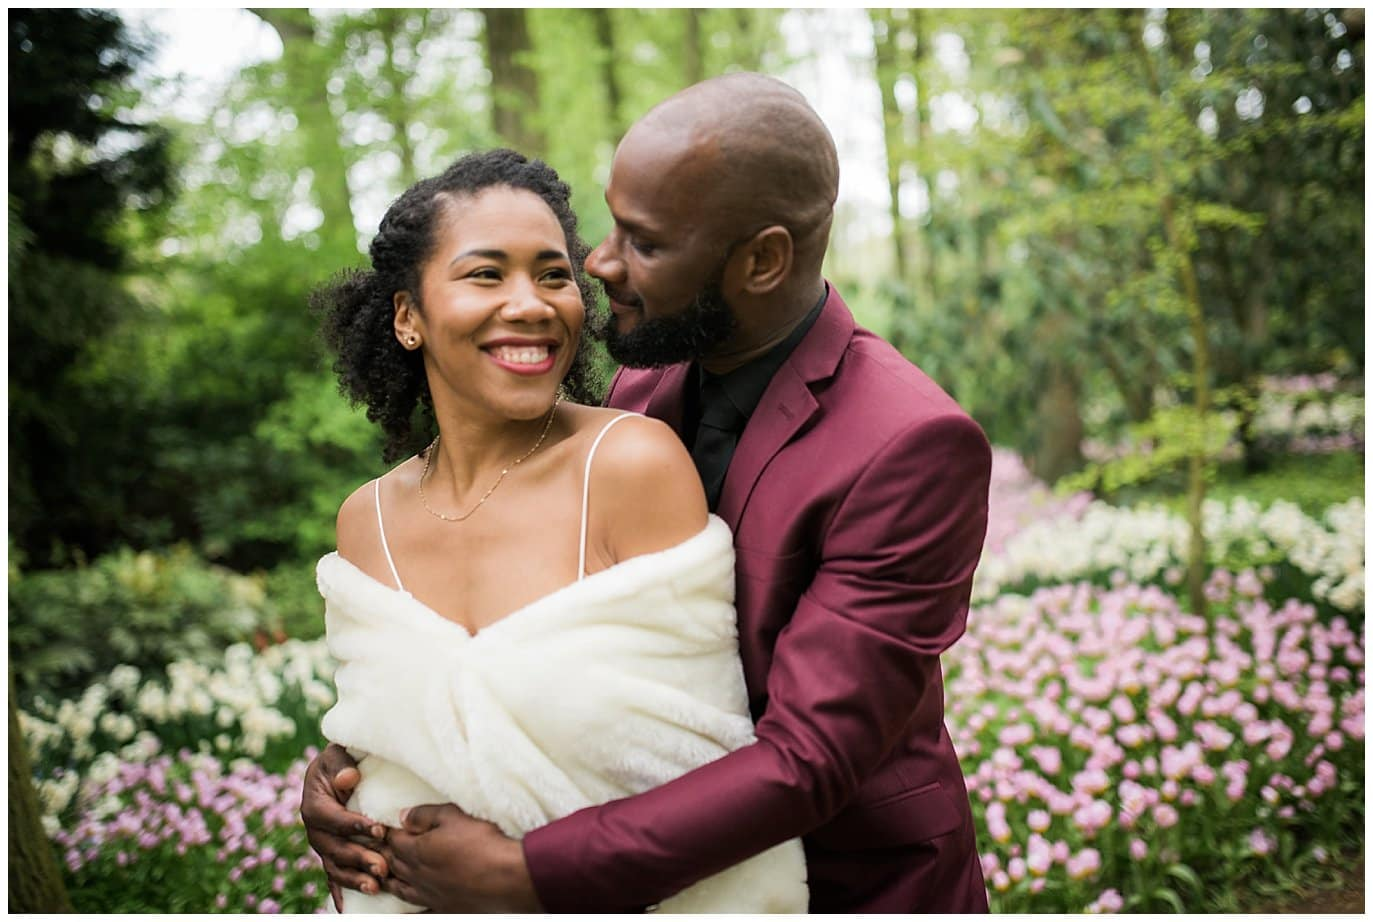 wedding photo in Amsterdam tulip garden photo